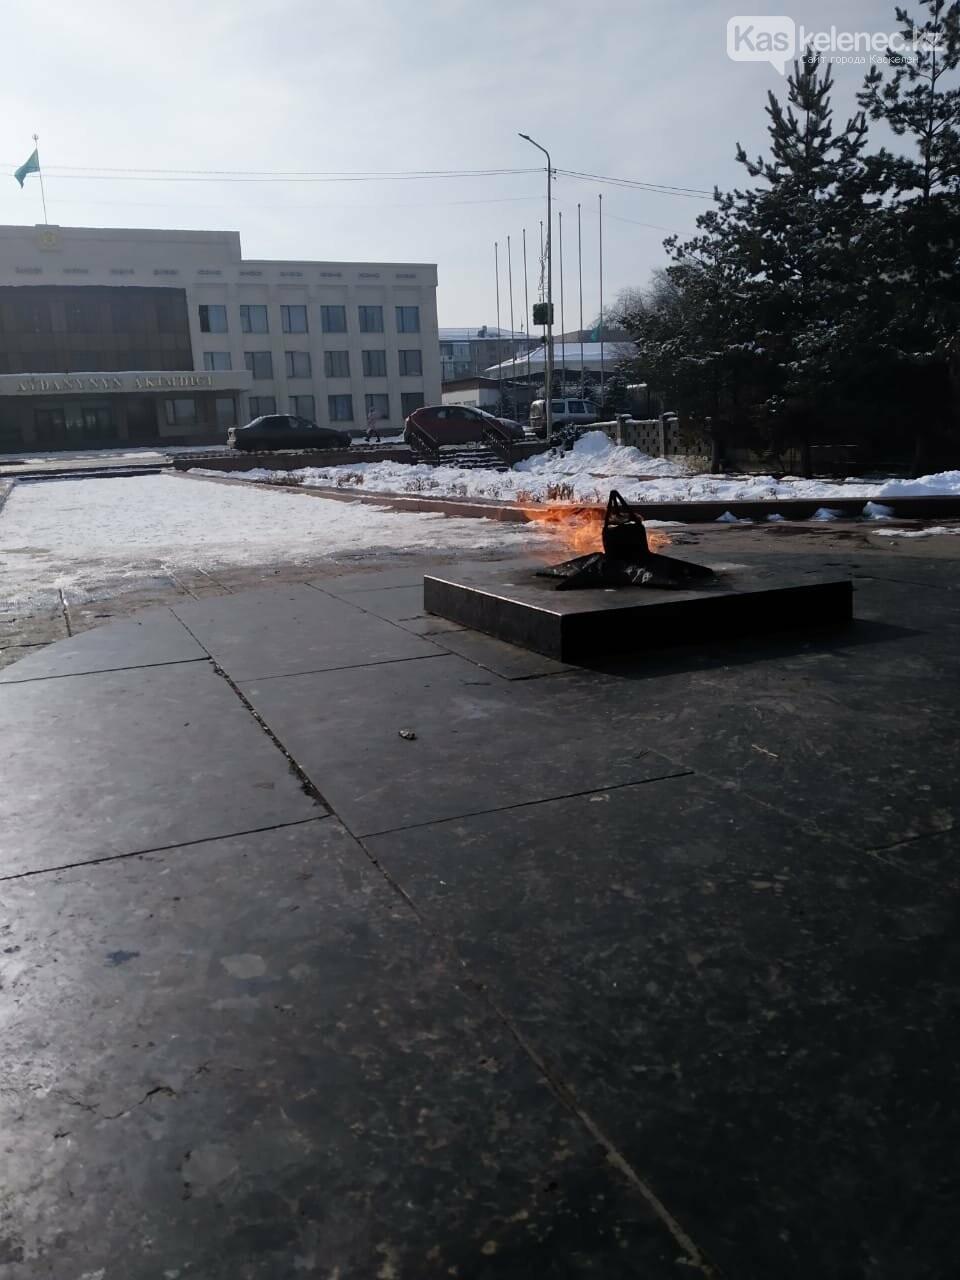 Памятник жертвам ВОВ в очередной раз осквернили в Каскелене, фото-5